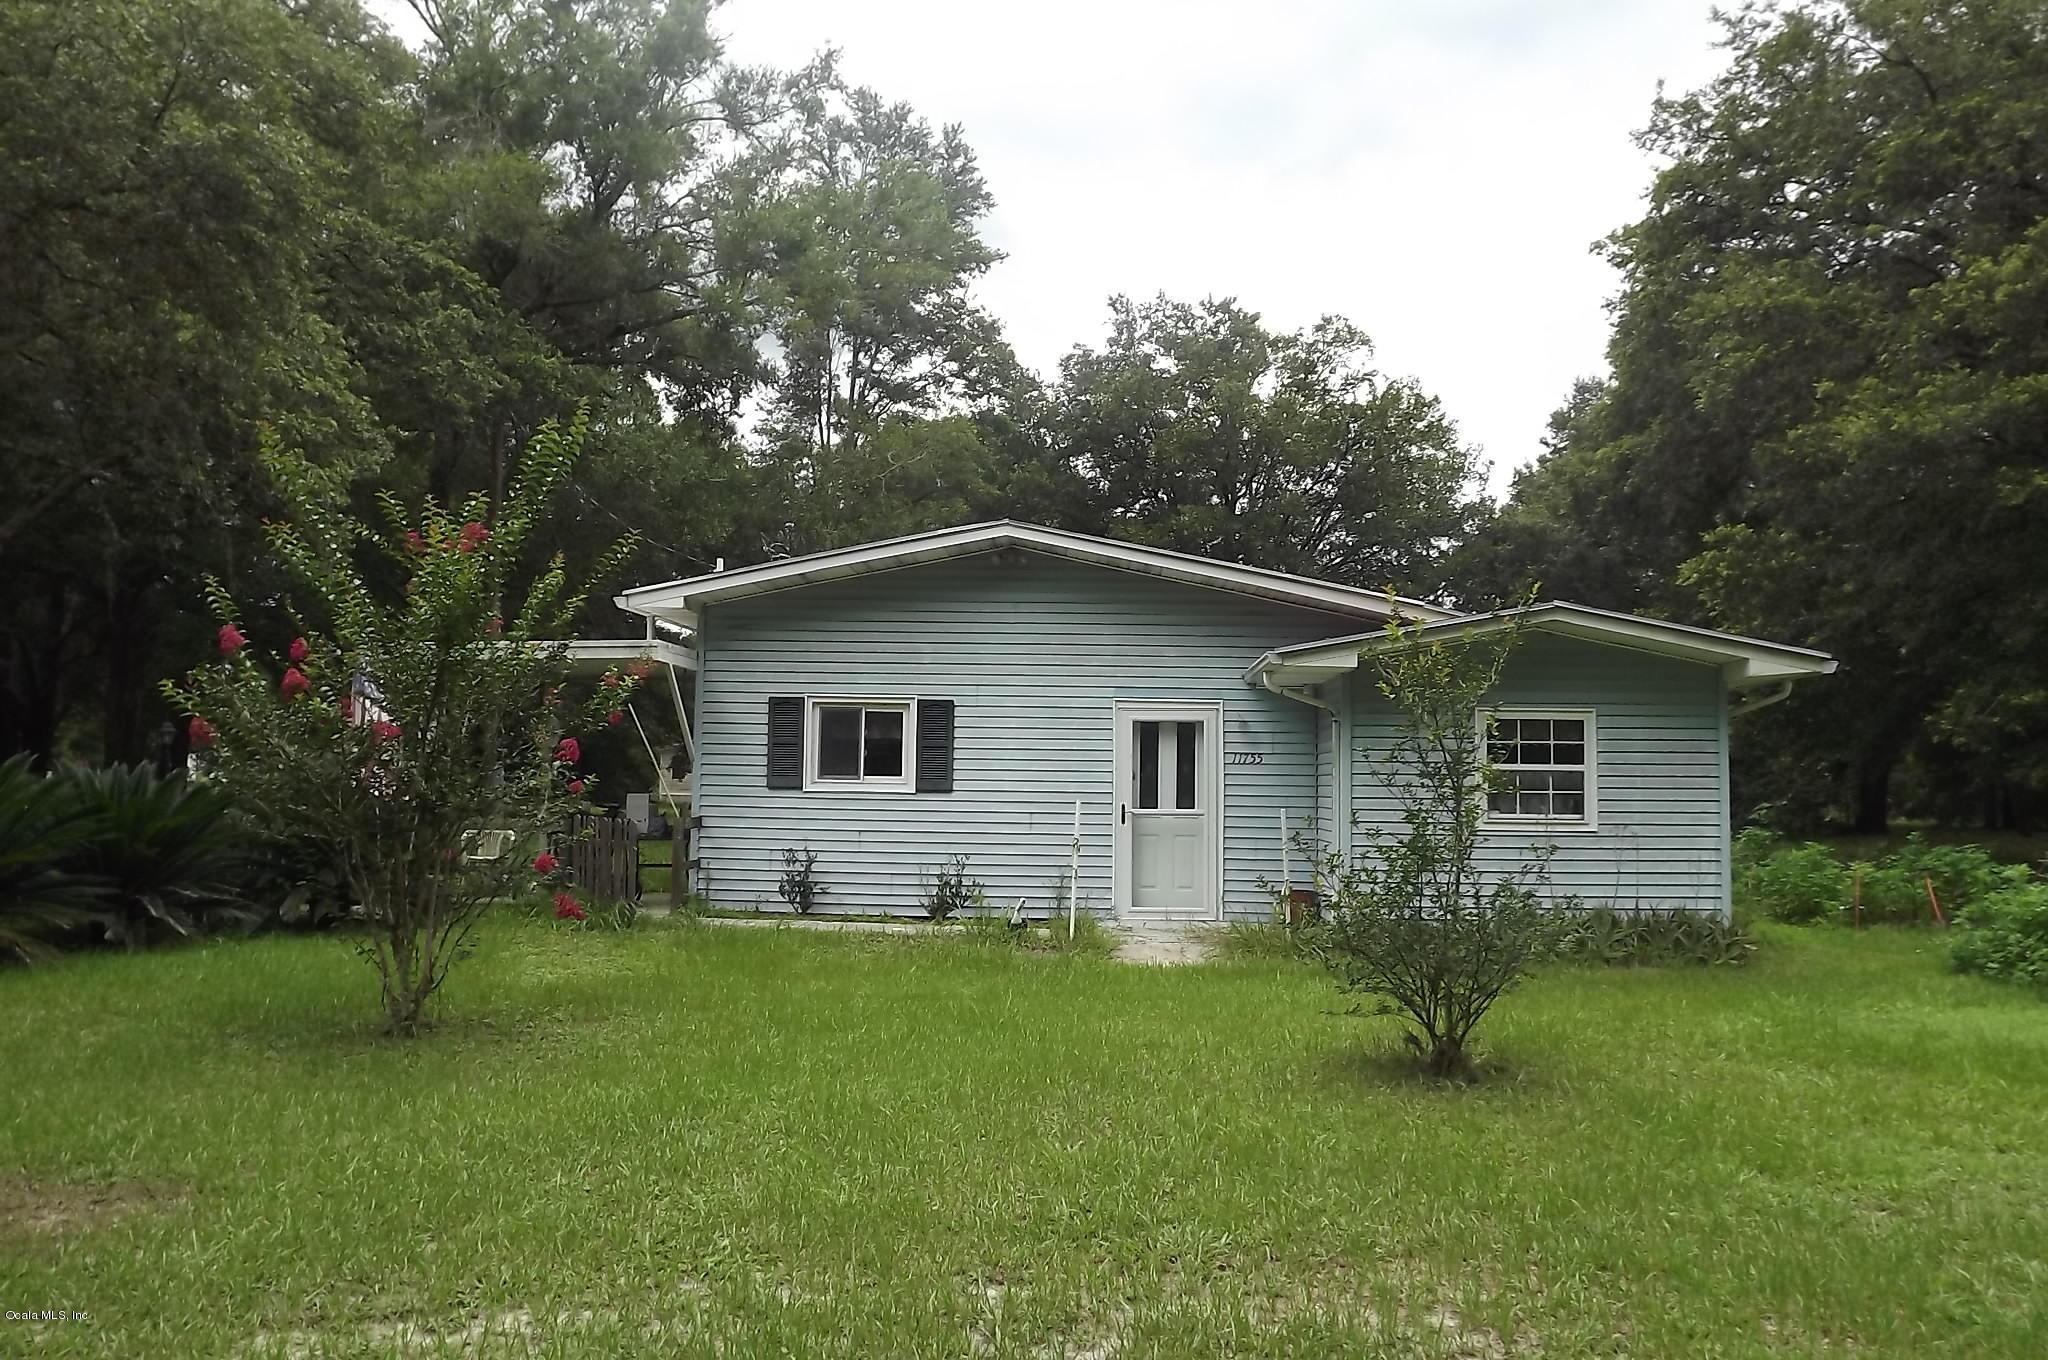 11755 SW 147TH PLACE, DUNNELLON, FL 34432